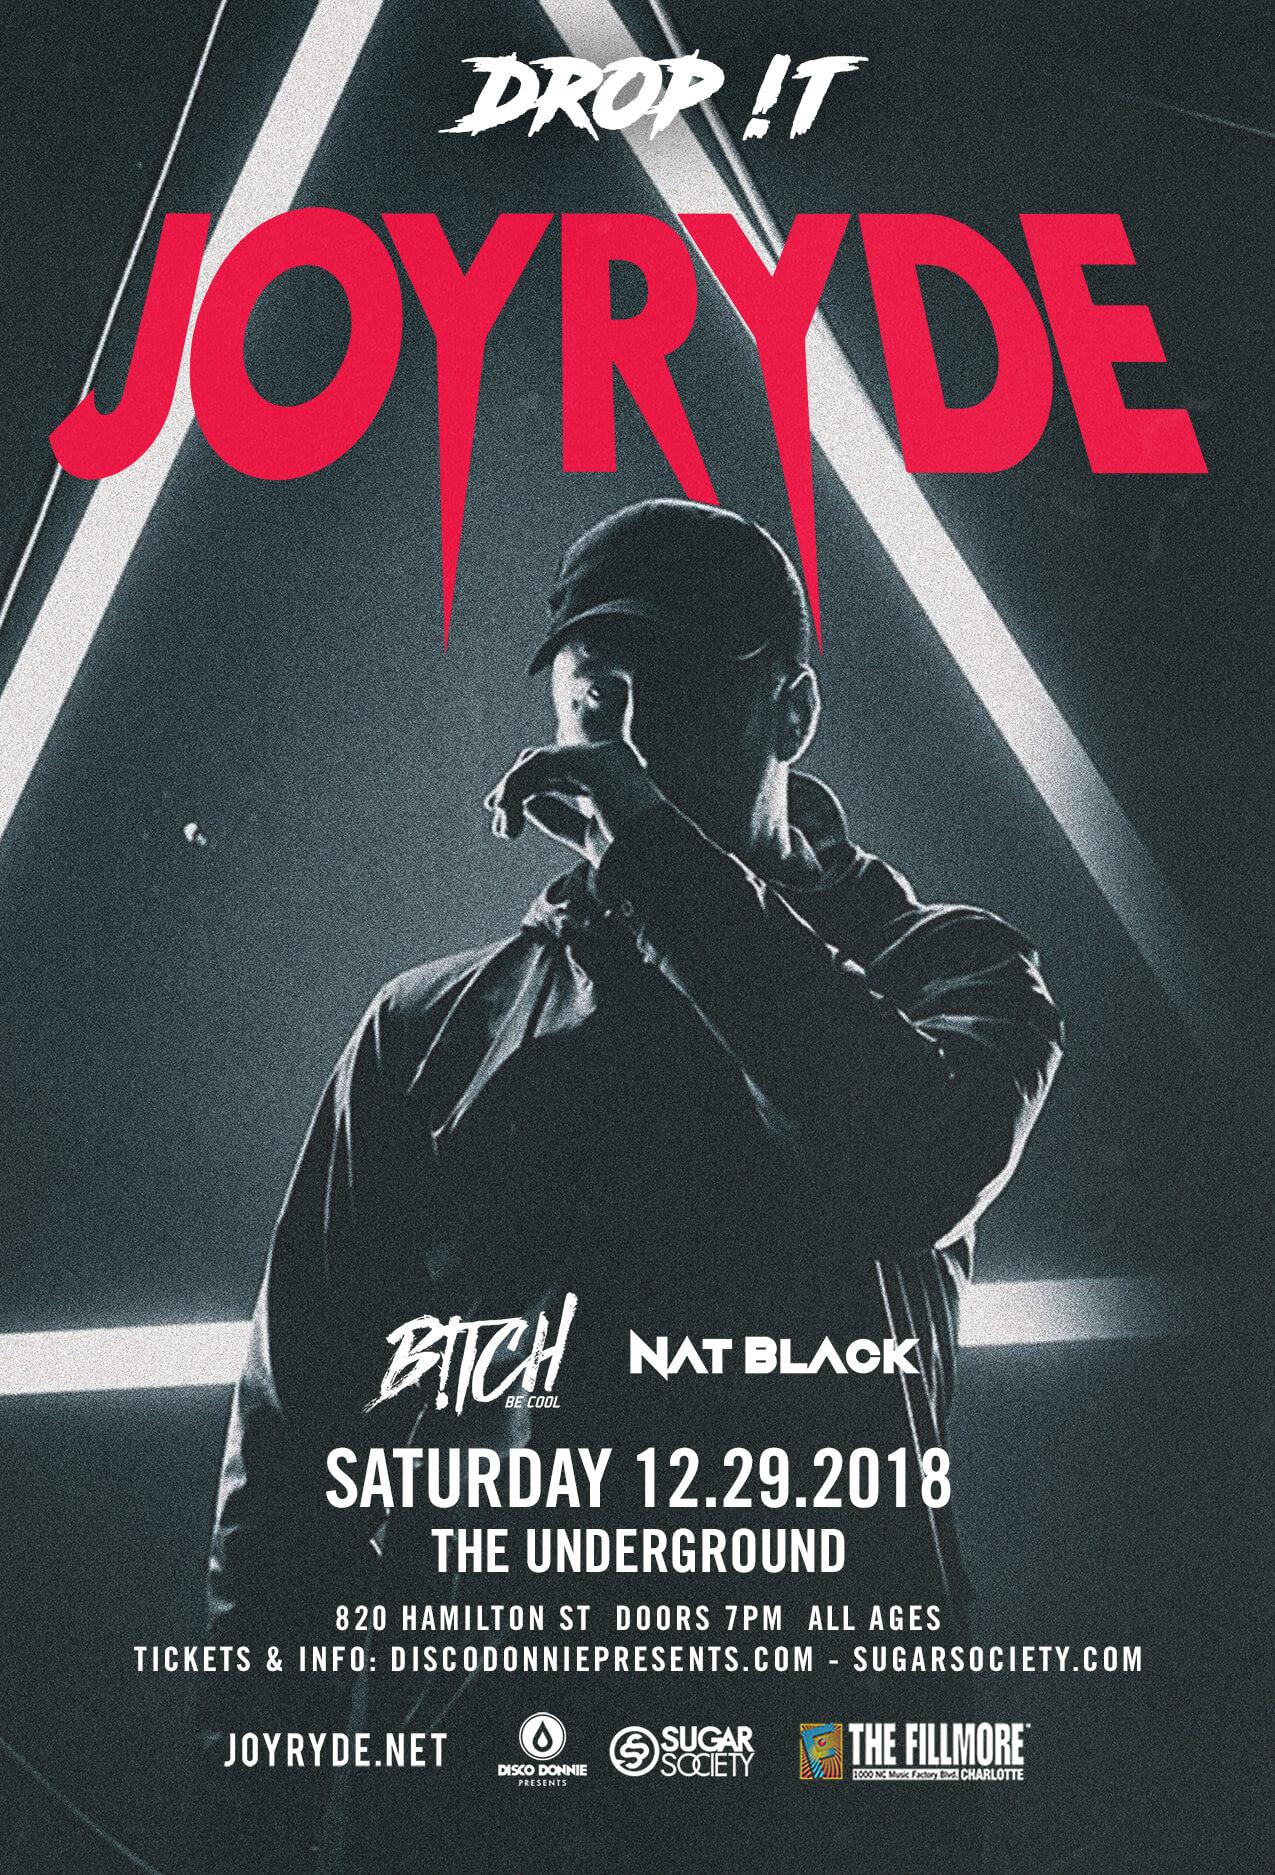 Joyryde in Charlotte